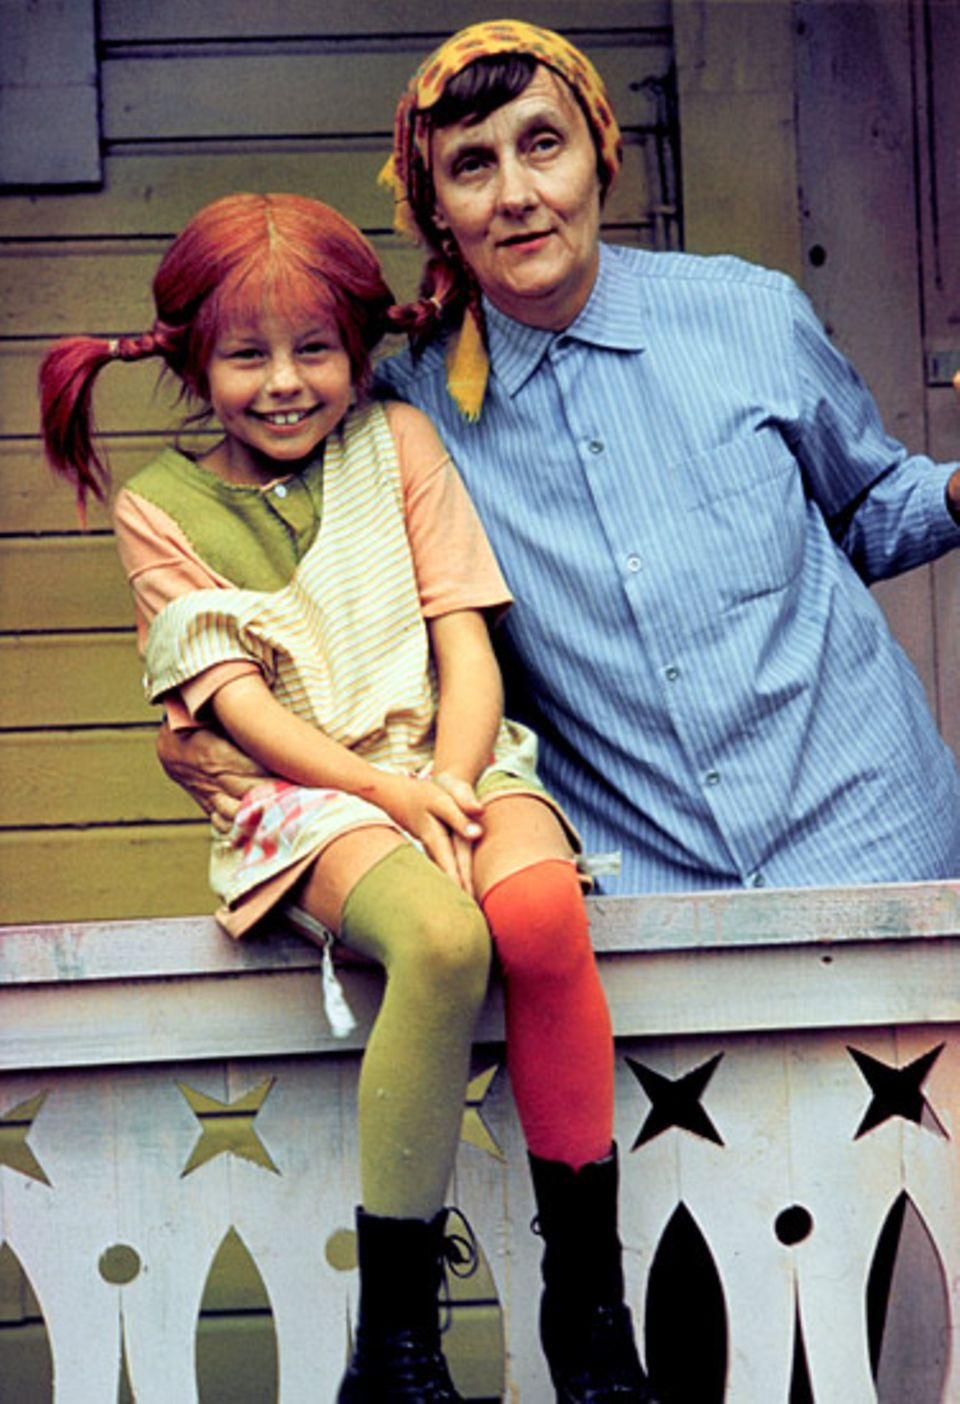 """Astrid Lindgren gibt ihrer """"Tochter"""" letzte Tipps. Inger Nilsson spielt zwischen 1968 und 1973 Pippi Langstrumpf im Film. Inger und Astrid werden Freunde und sehen sich oft. Sie reden über Gott und die Welt – aber angeblich nie über Pippi!"""